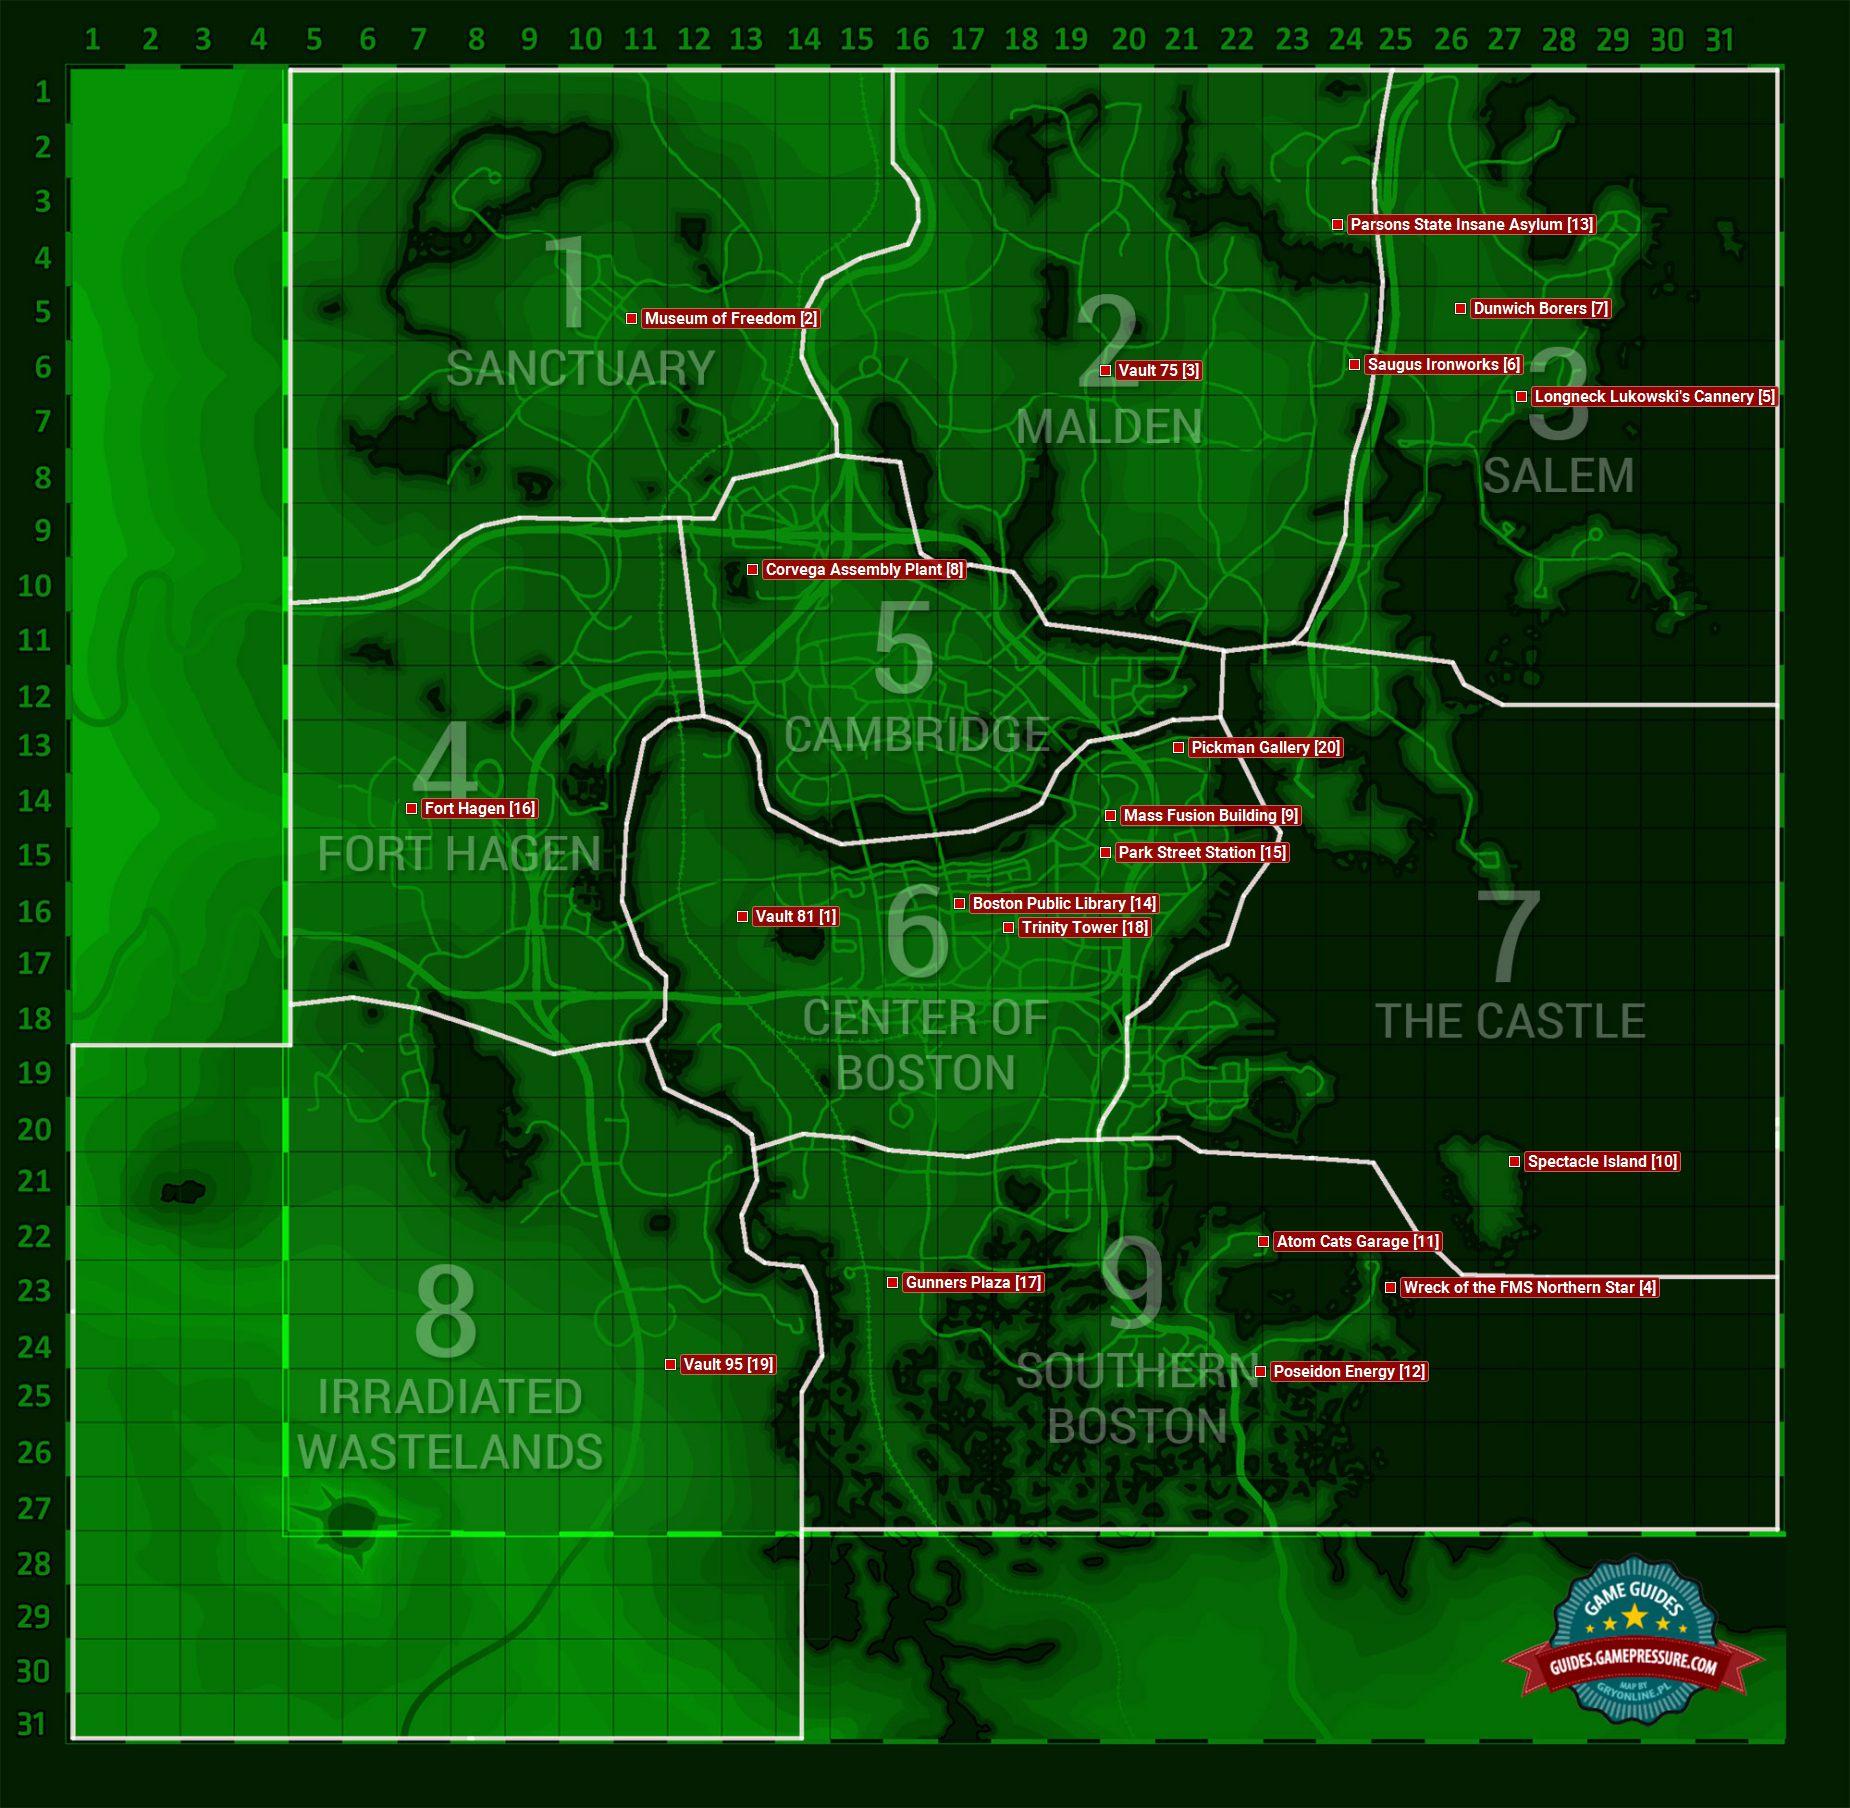 образом, секреты фоллаут 4 винтокрылы на карте ЗАПИСИ Проводки